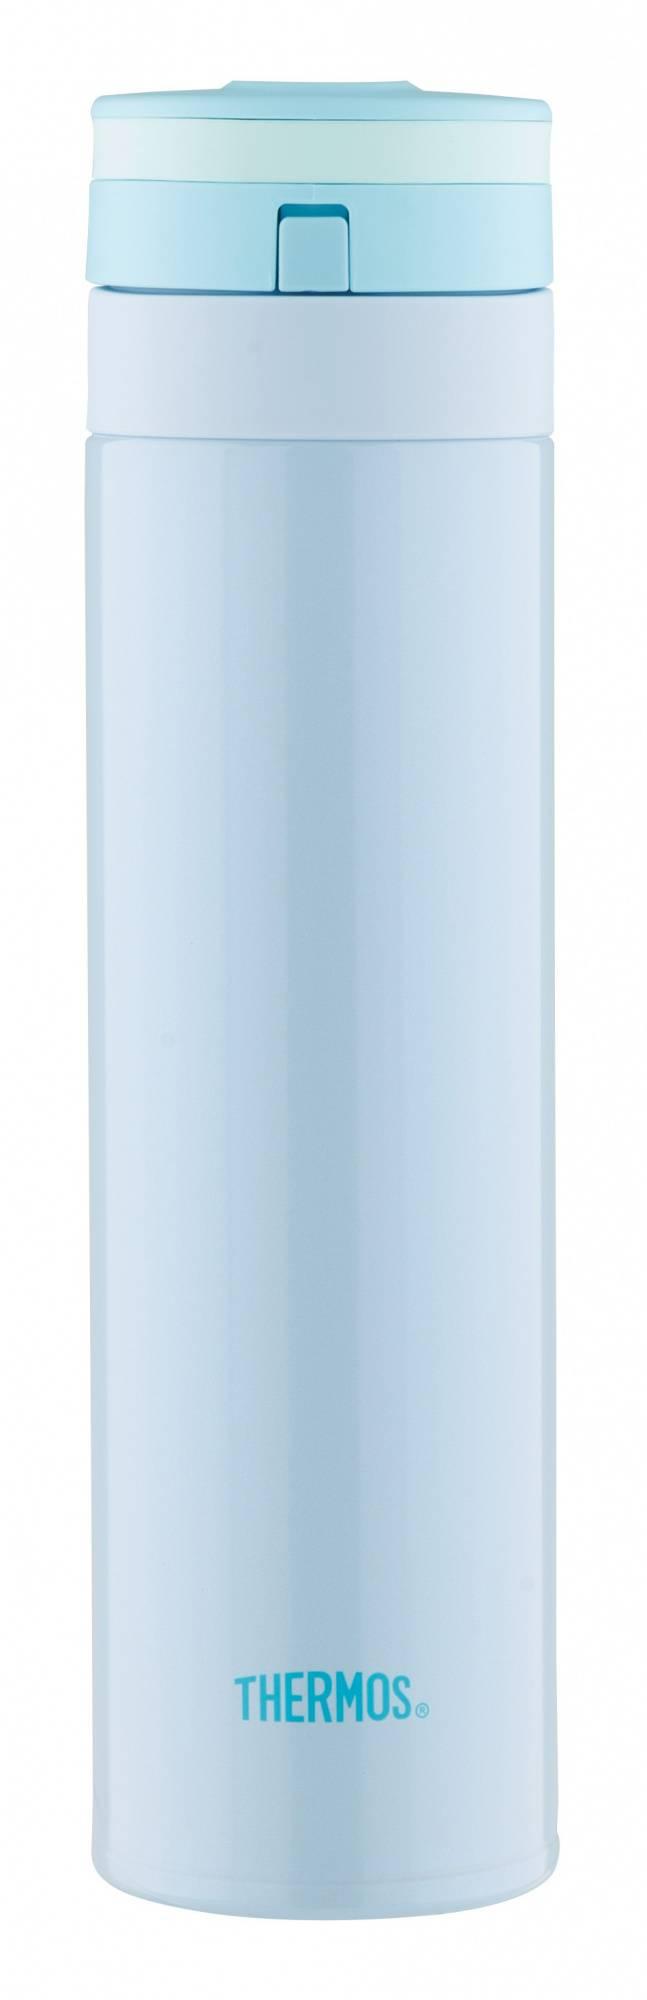 Термос Thermos JNS-450-BL SS голубой (935755) - фото 1